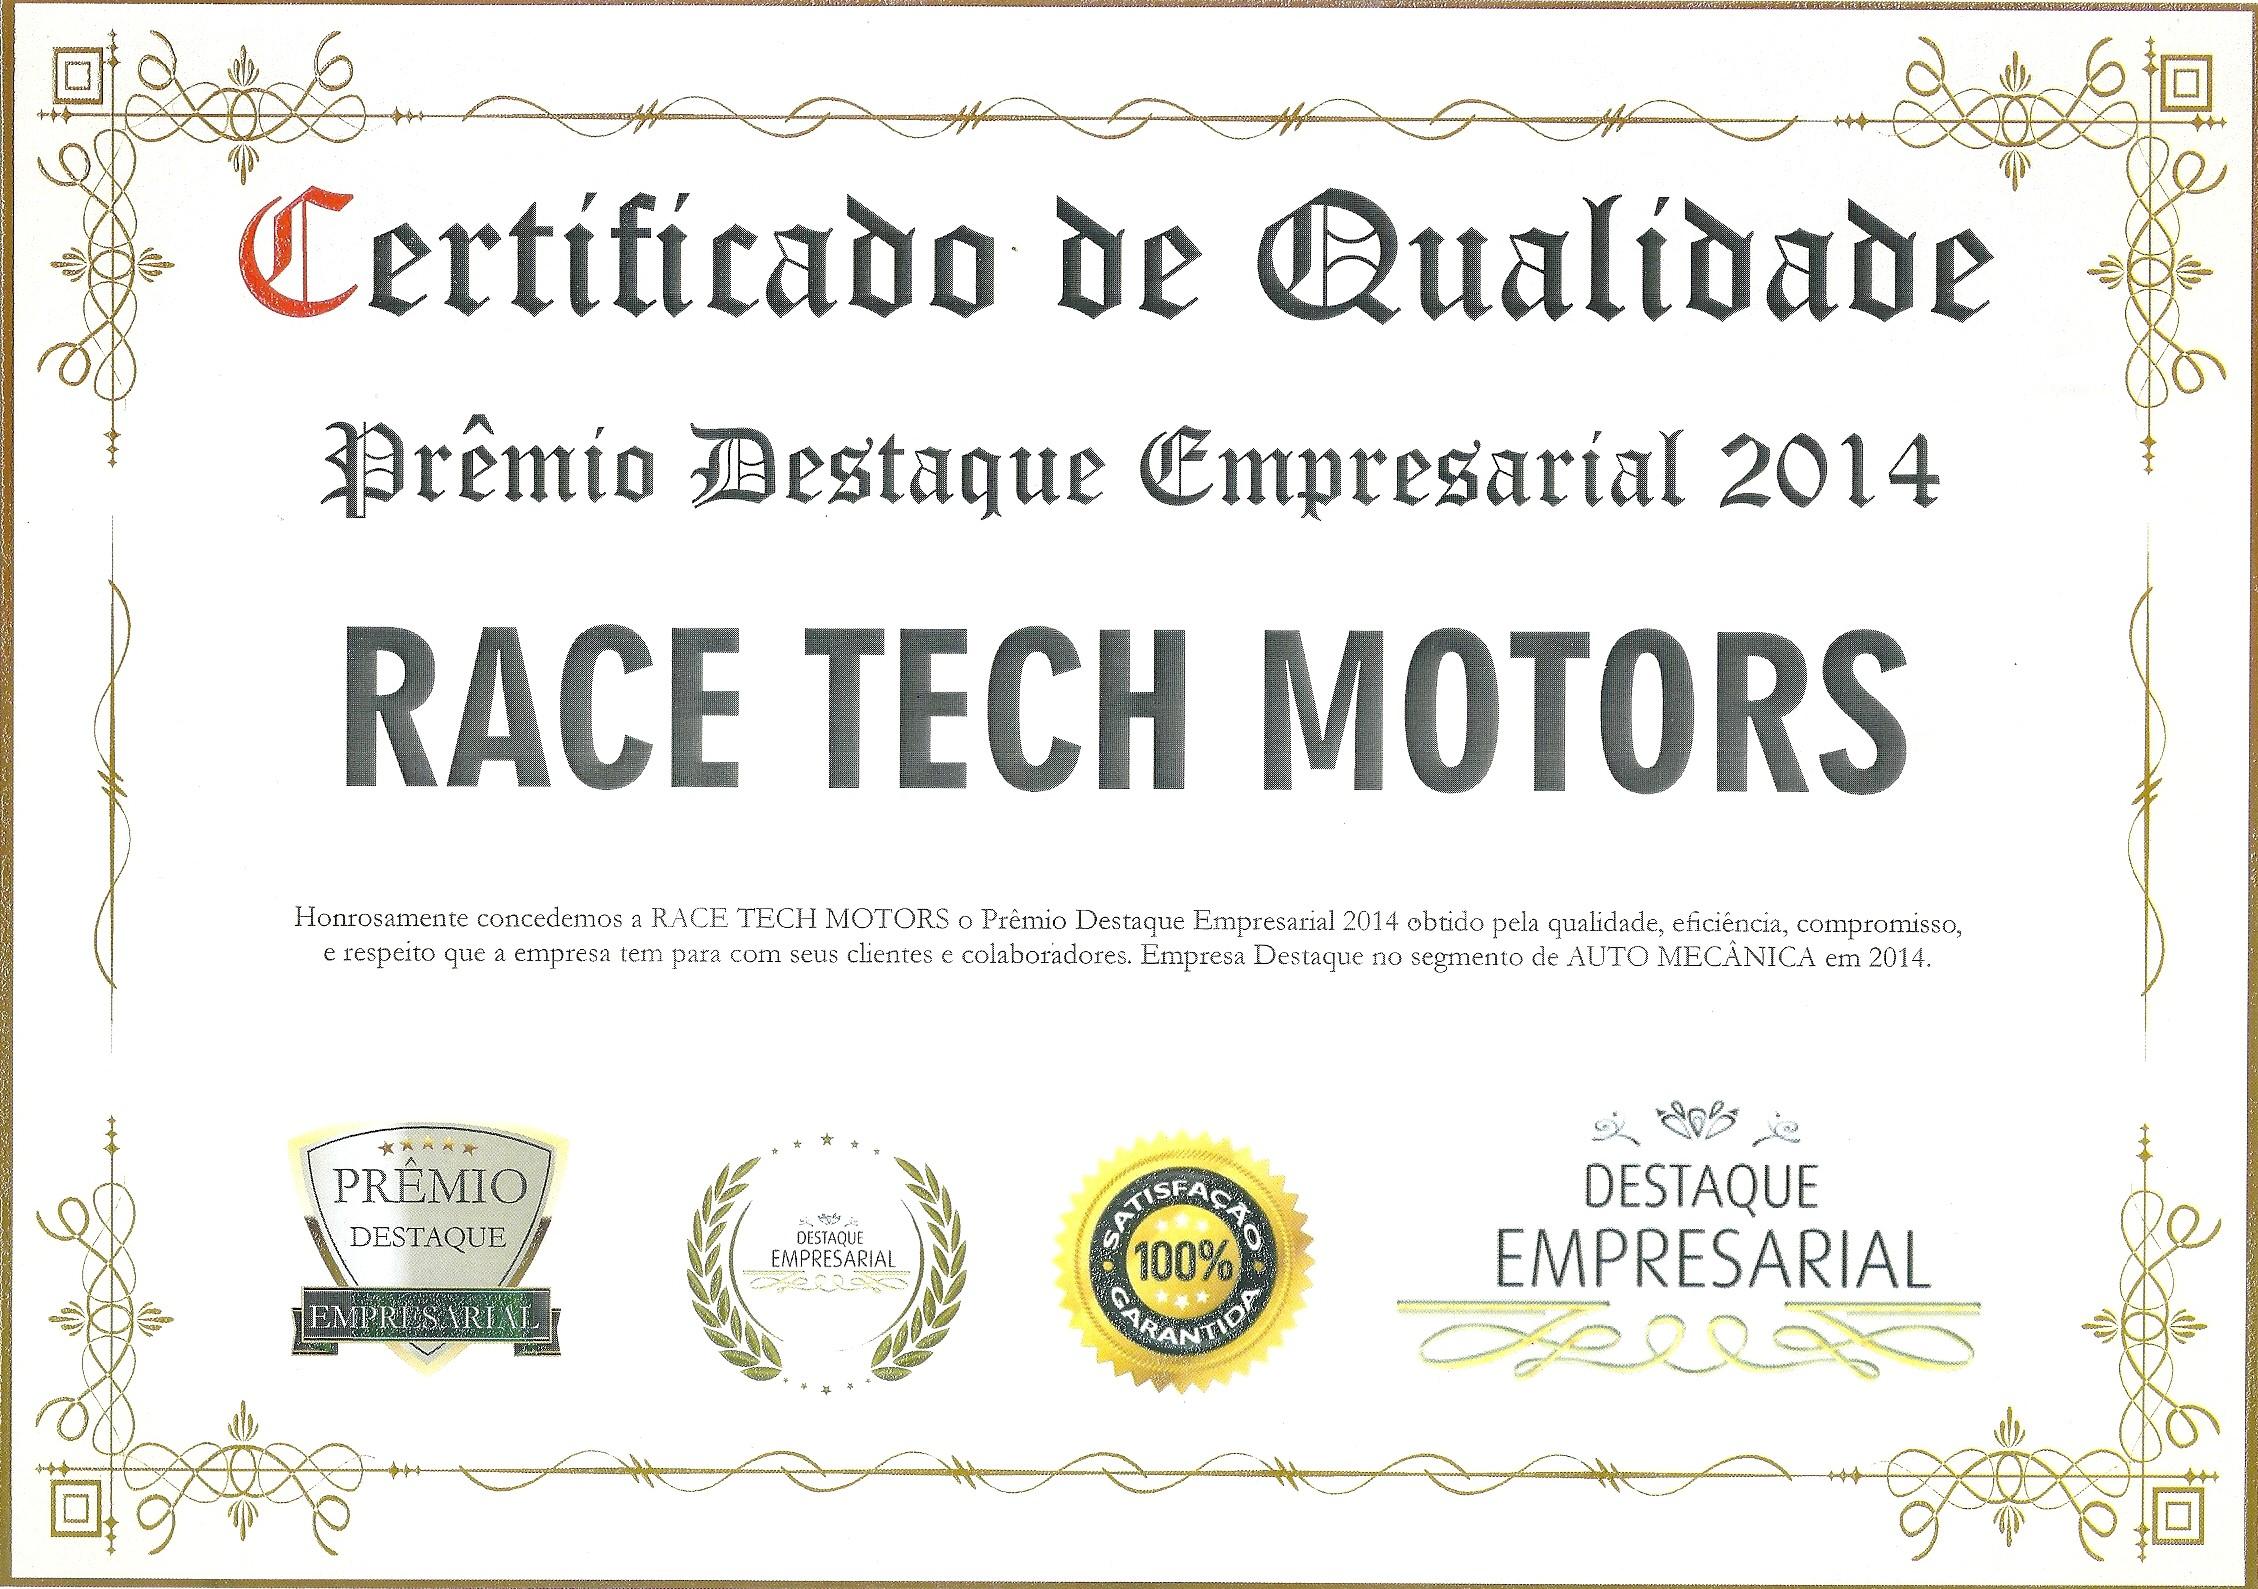 Prêmio Destaque Empresarial 2014